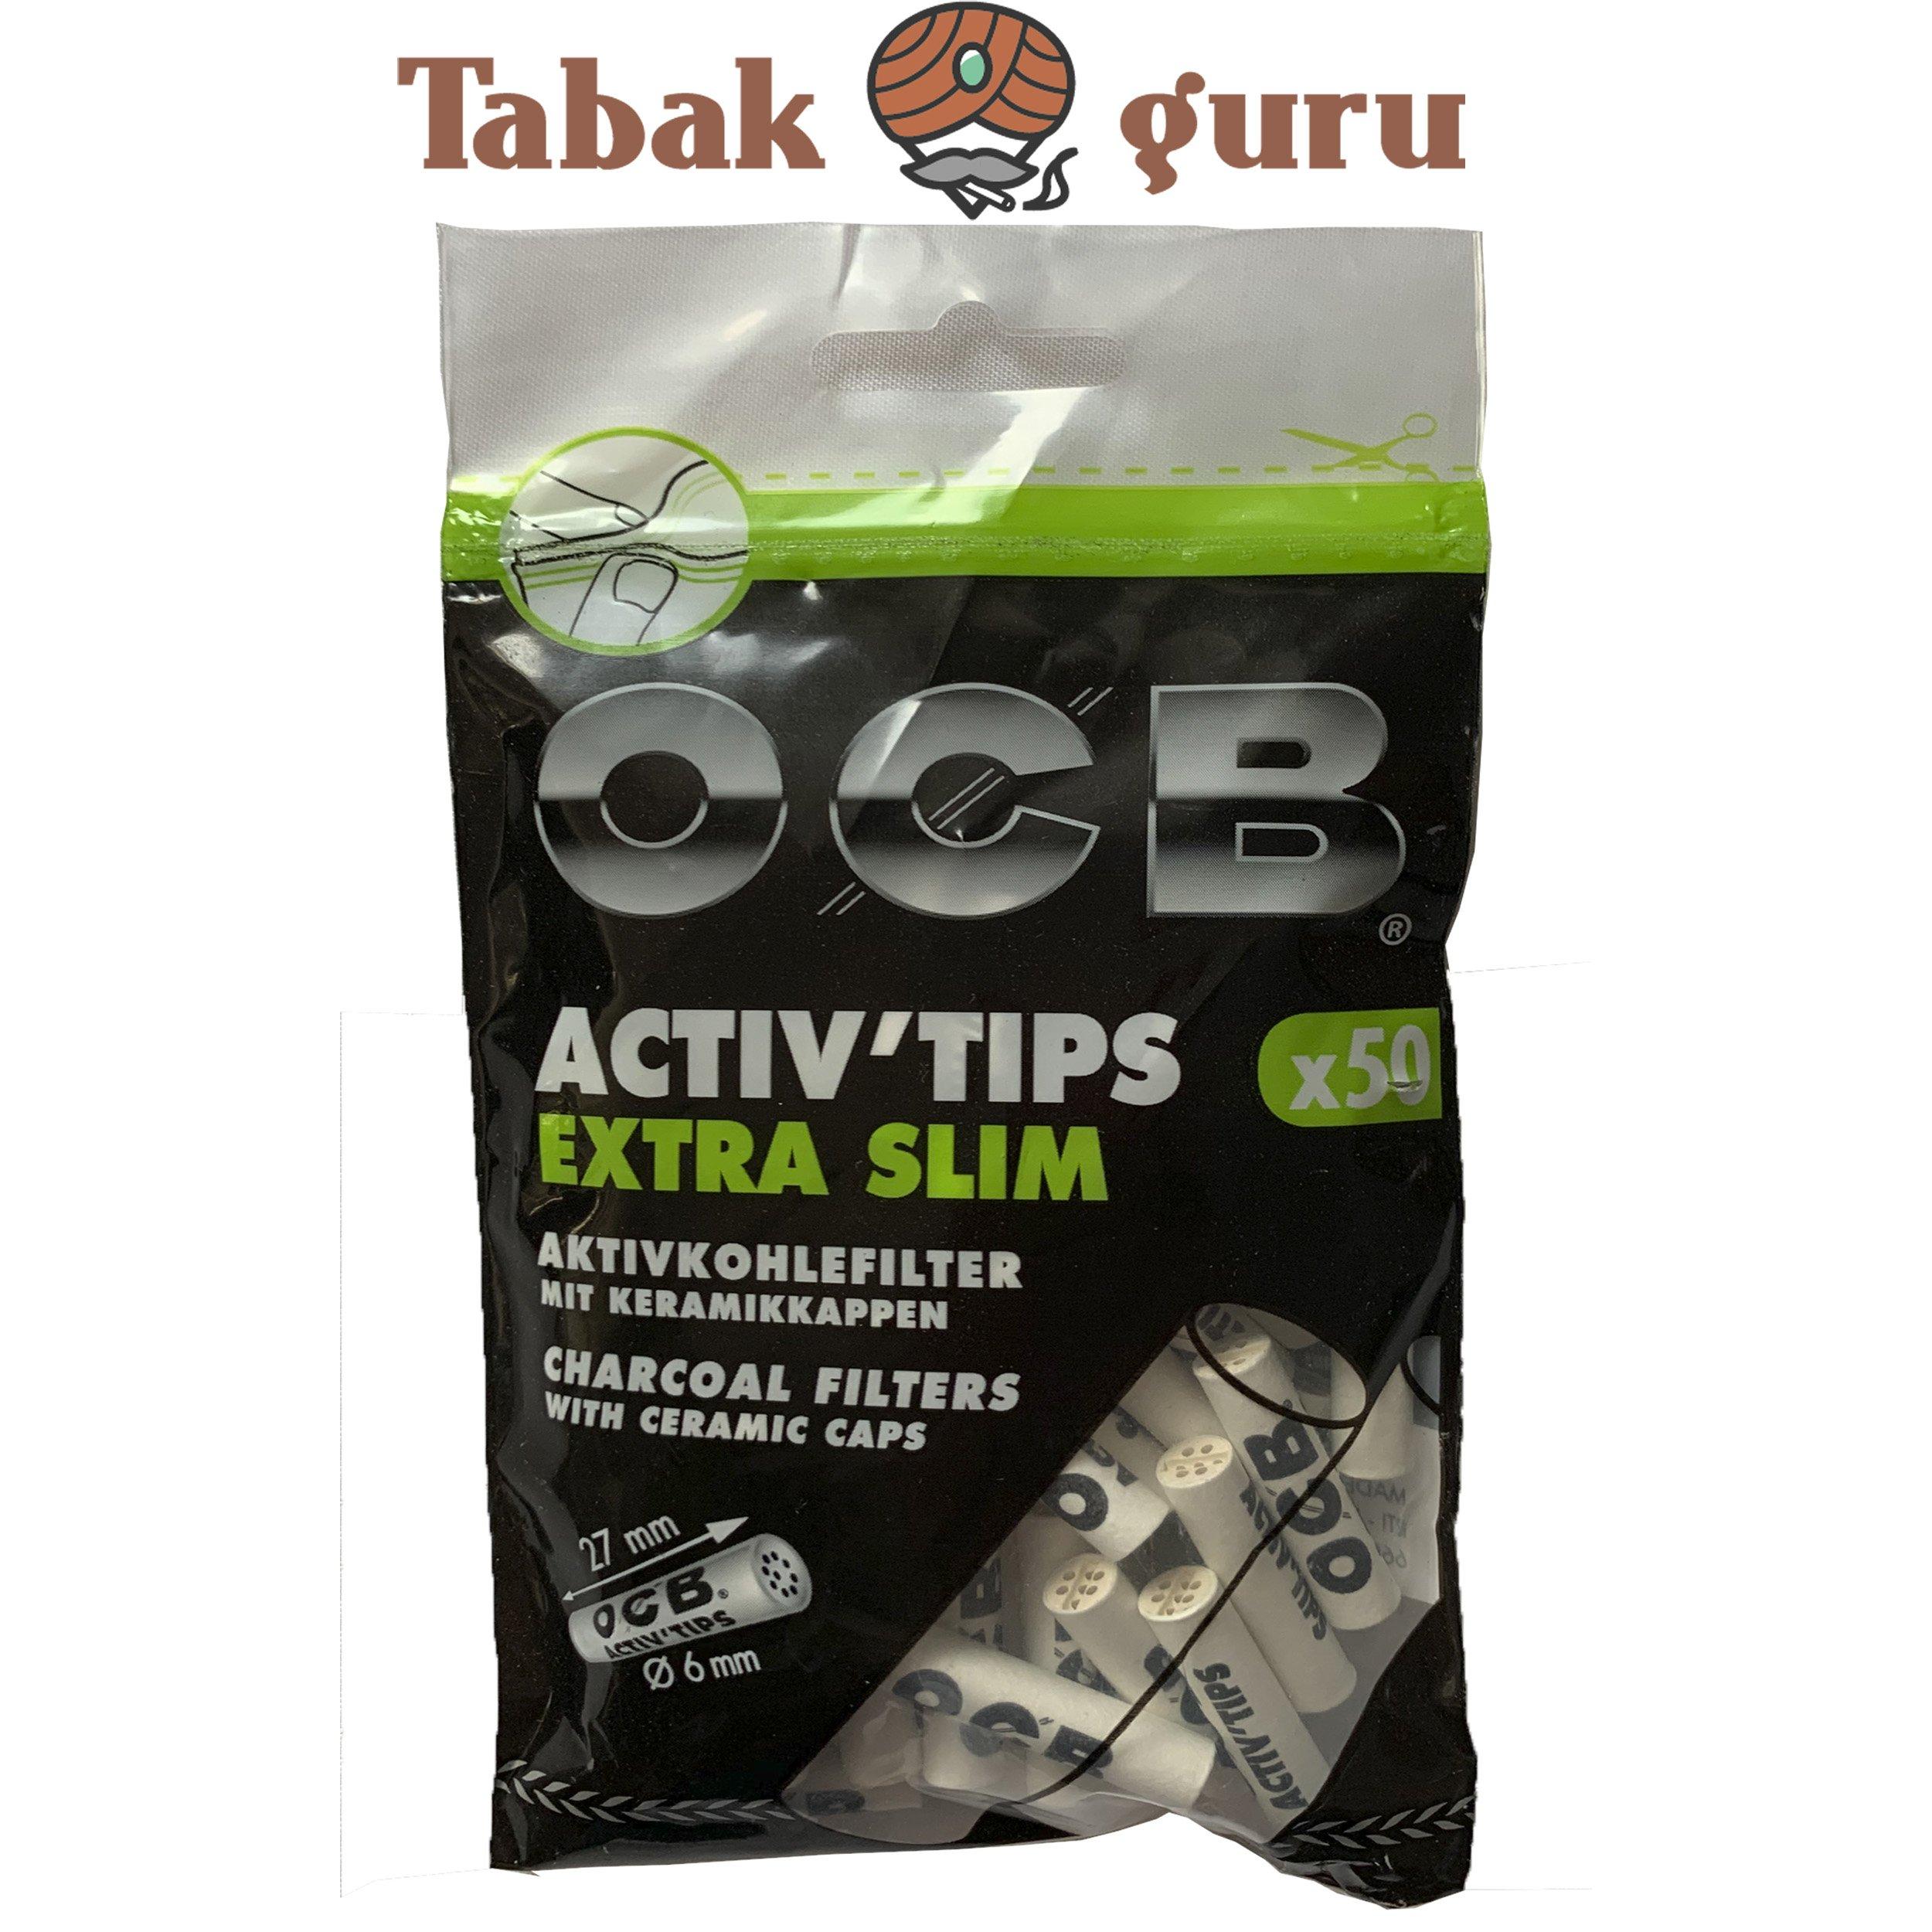 OCB Activ Tips Extra Slim / Aktivkohle-Filter 50 Stück